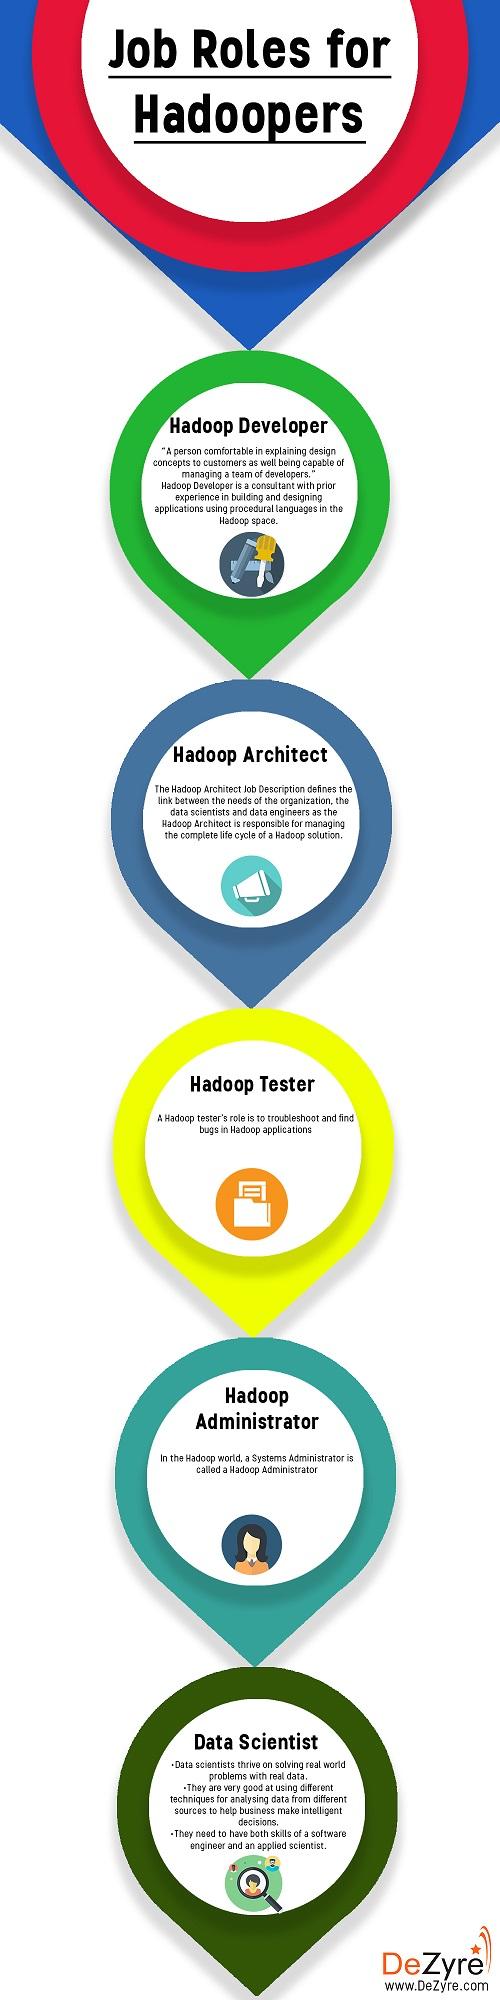 Job Roles for Hadoopers